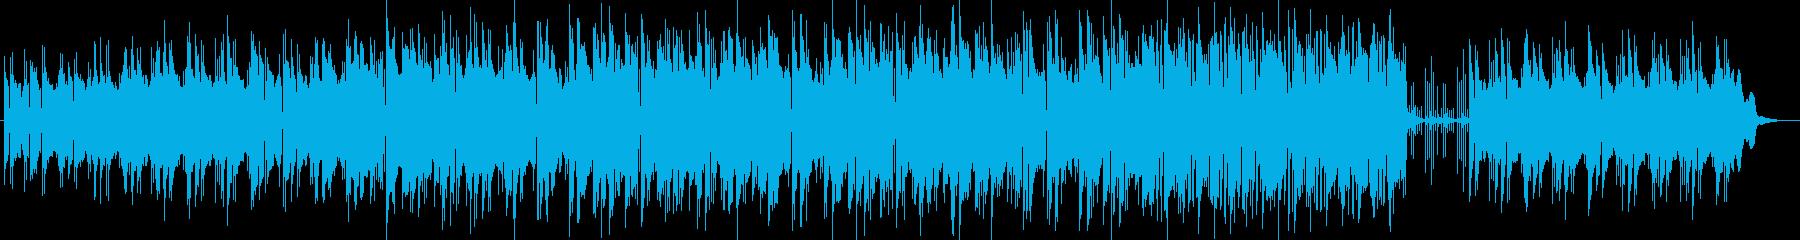 まったりと流れるシンセサイザーサウンドの再生済みの波形